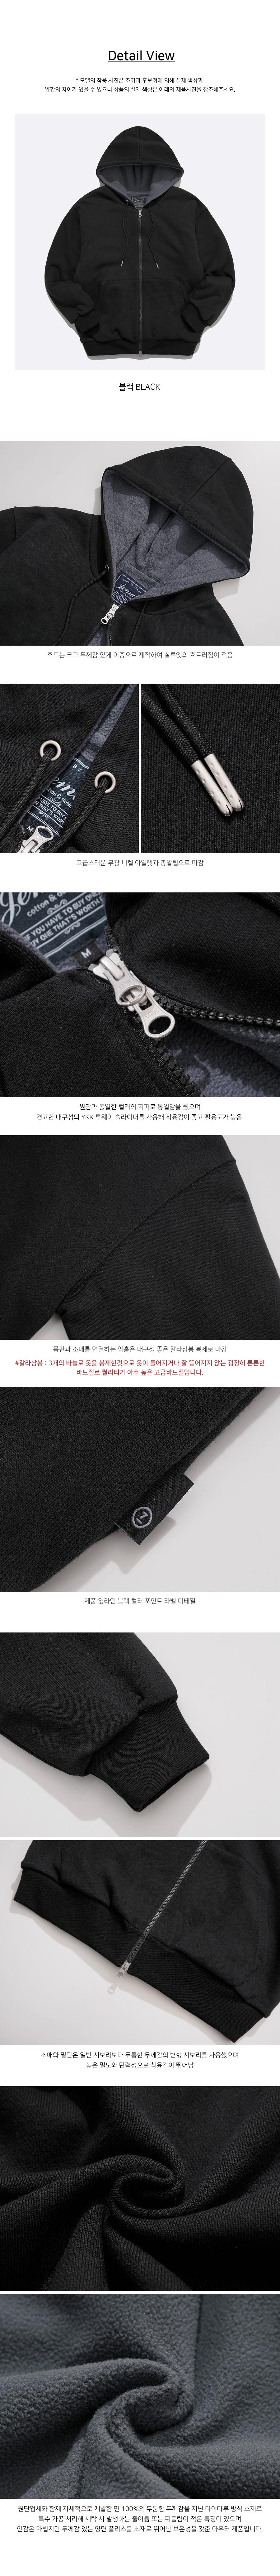 [제멋] 티드 오버핏 투웨이 후드집업 블랙 YHHD2310